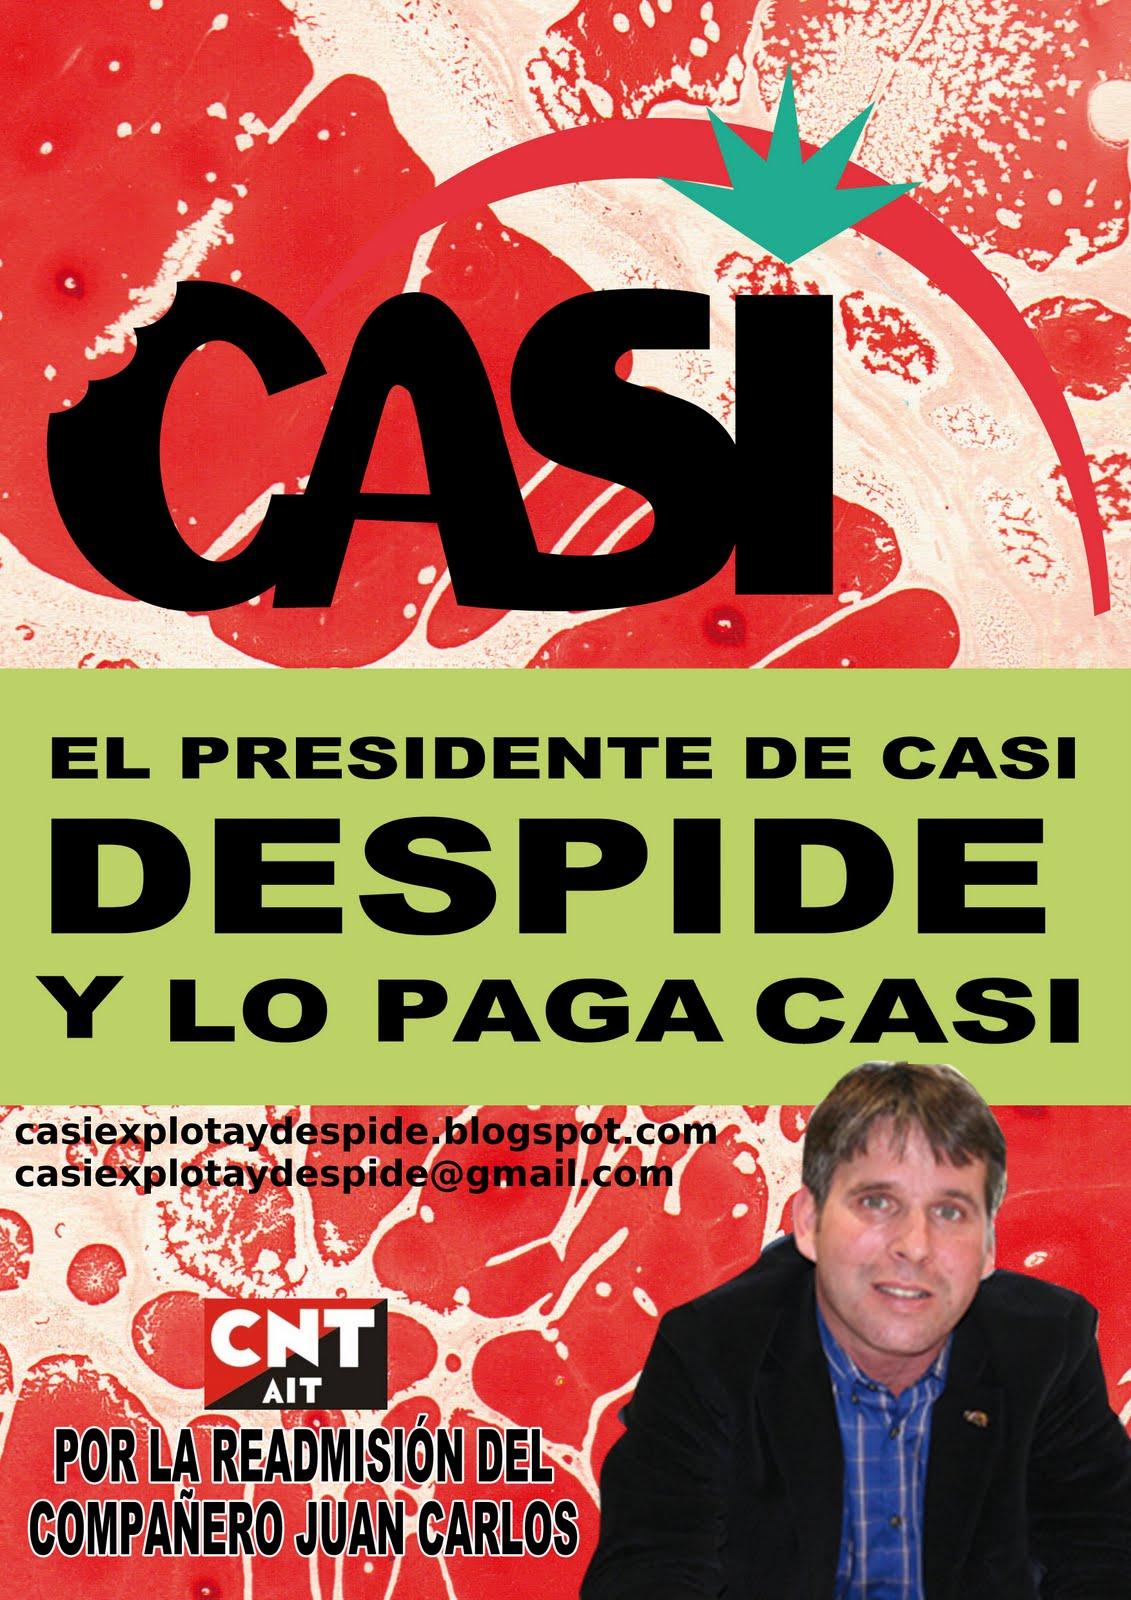 C.A S.I.  explota y despide